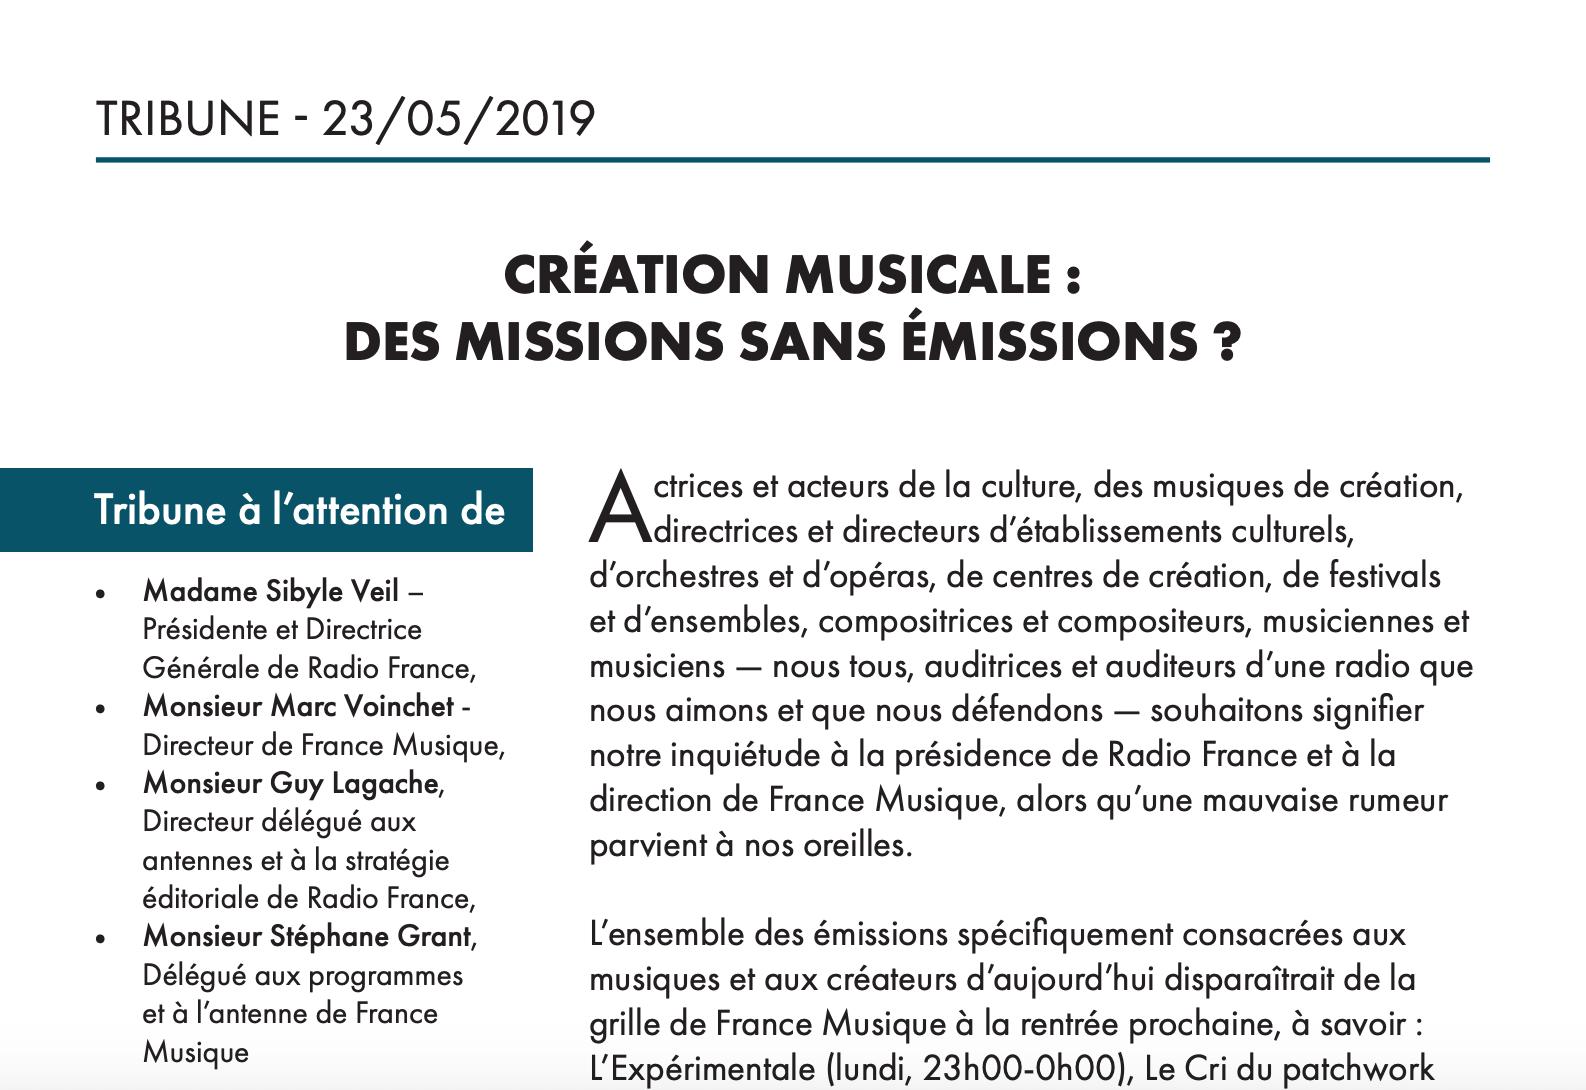 Maintien de la musique de création sur France Musique